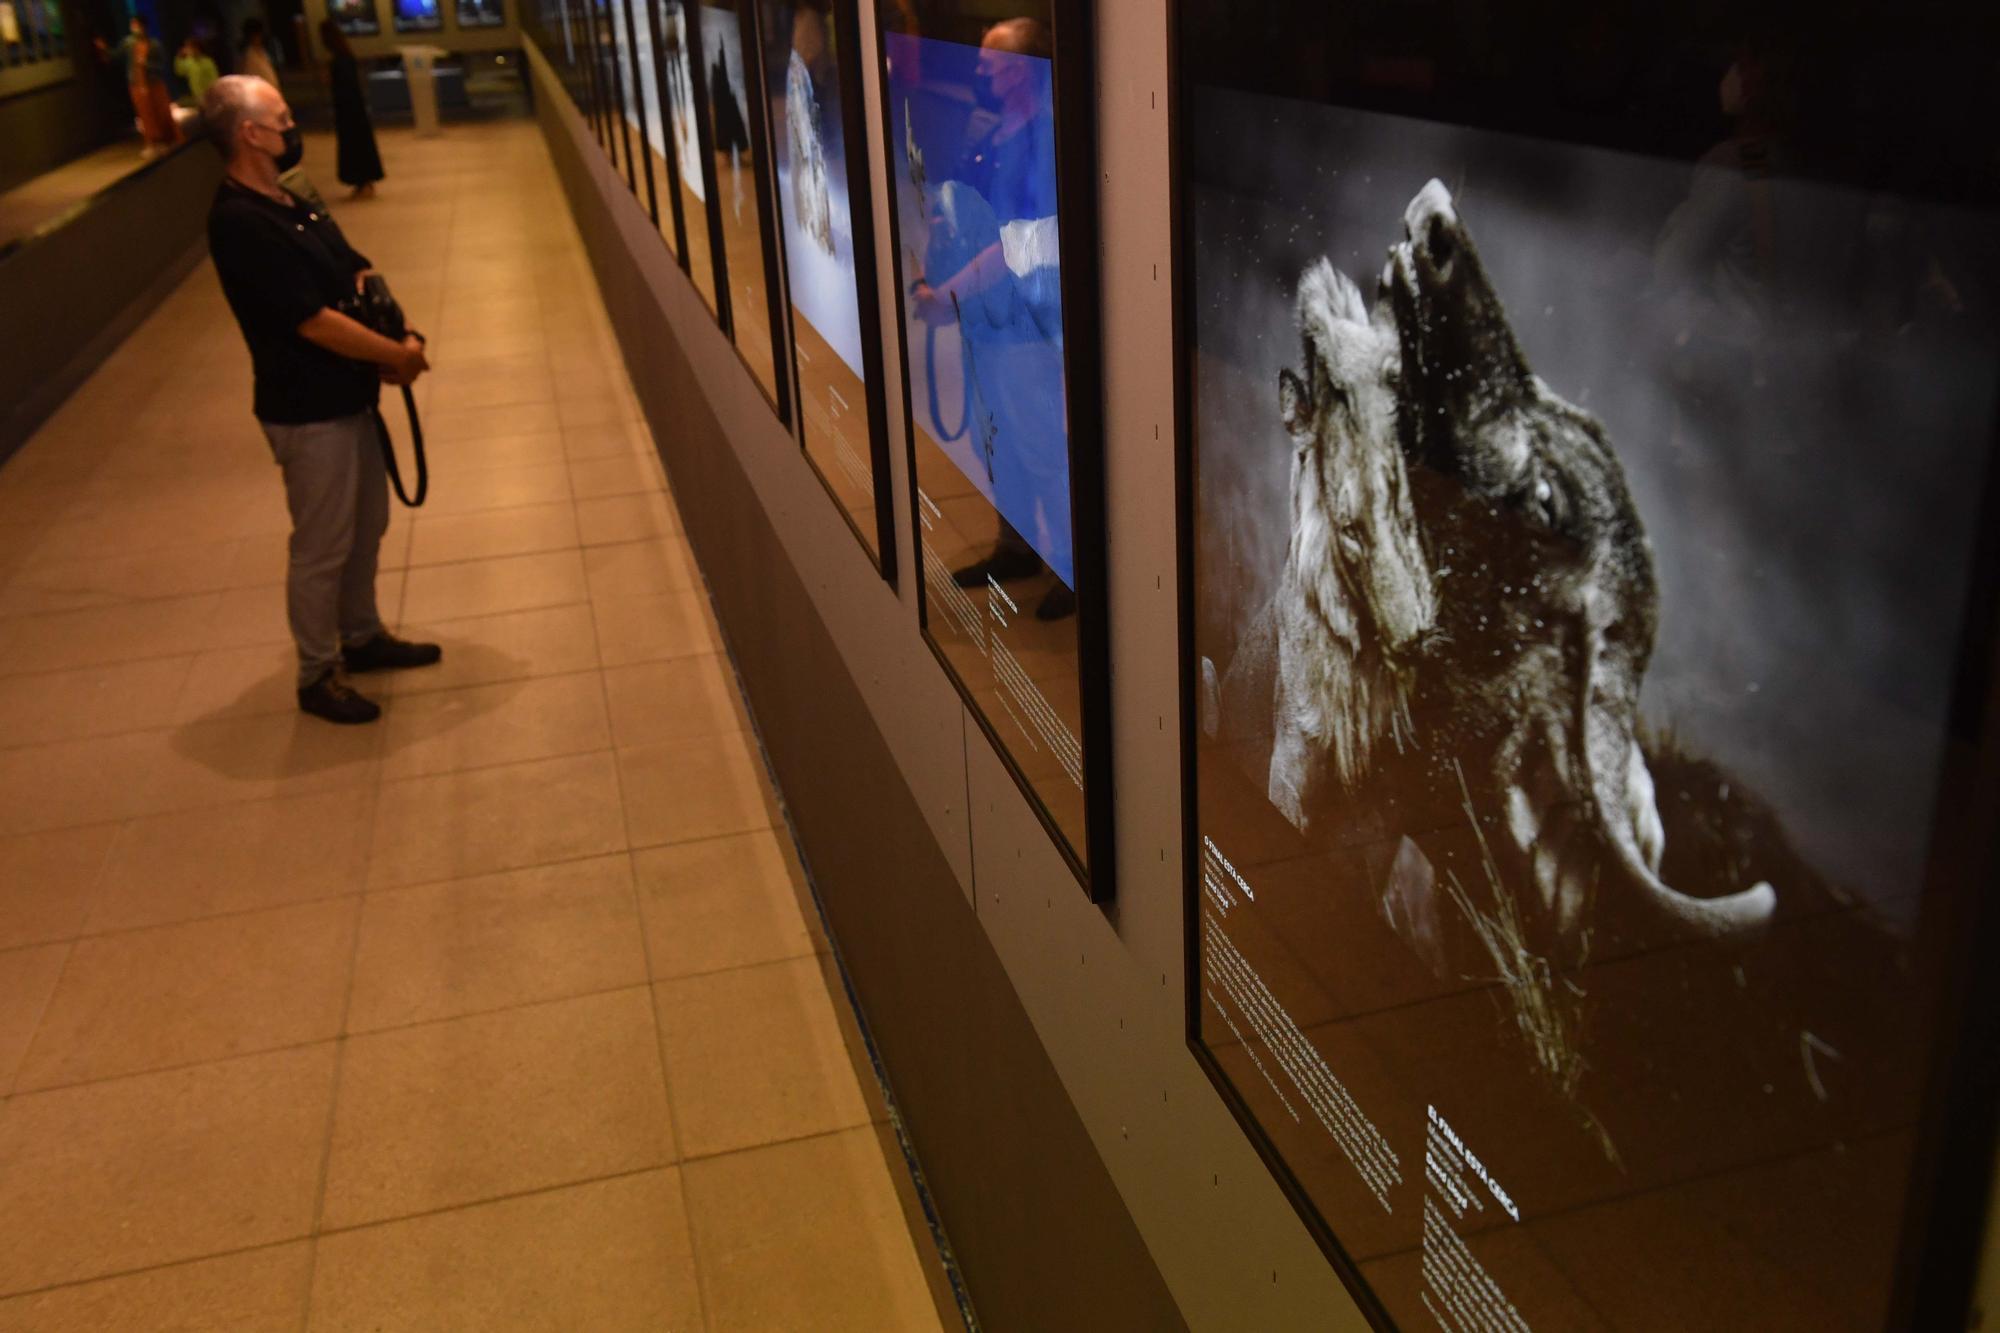 El Aquarium expone imágenes premiadas que muestran la belleza de la naturaleza